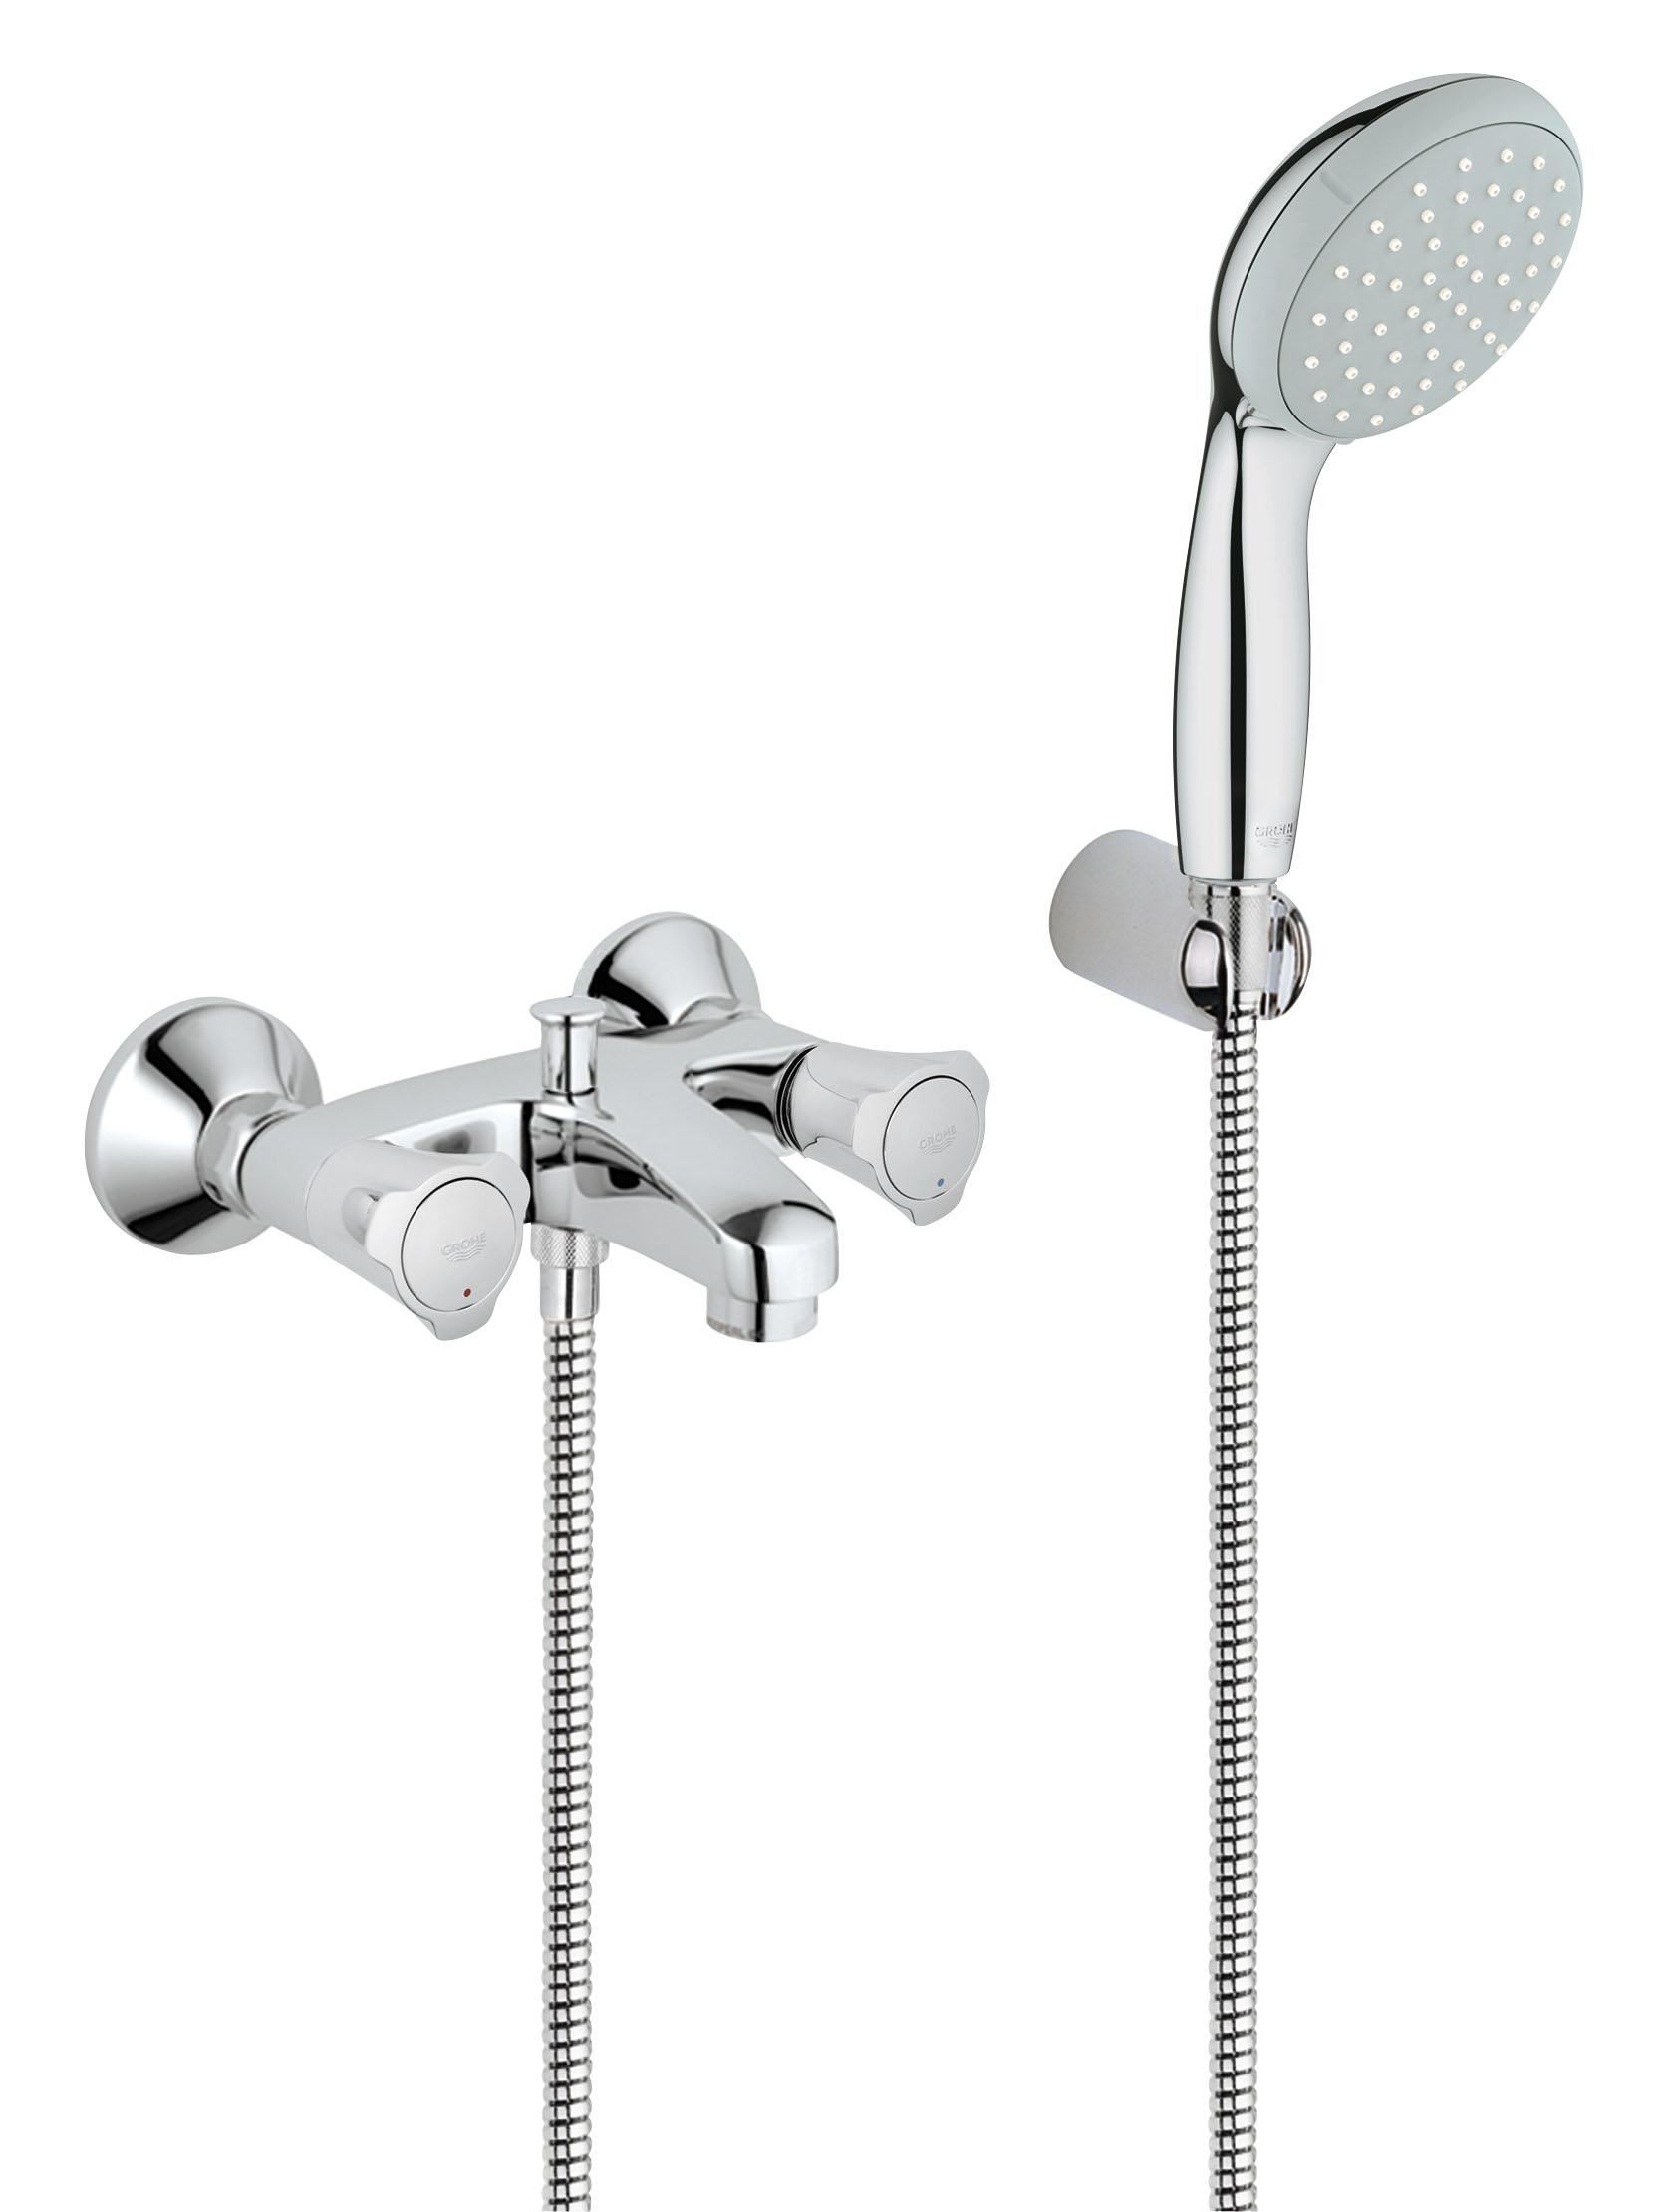 Смеситель для ванны GROHE Costa L с душевым набором (25460001)D5000Настенный монтаж Металлические рукоятки С теплоизоляцией Привинчивающаяся Вентиль Longlife с резиновым уплотнением Автоматический переключатель: ванна/душ Аэратор Скрытые S-образные эксцентрики С душевым гарнитуром Включает в себя: Ручной душ New Tempesta 100, один вид струи, 9,5 l/мин (27 923 000) Настенный держатель ручного душа (28 605 000) Душевой шланг Relexaflex 1500 мм 1/2? x 1/2? (28 151 000) GROHE StarLight хромированная поверхность Видео по установке является исключительно информационным. Установка должна проводиться профессионалами!